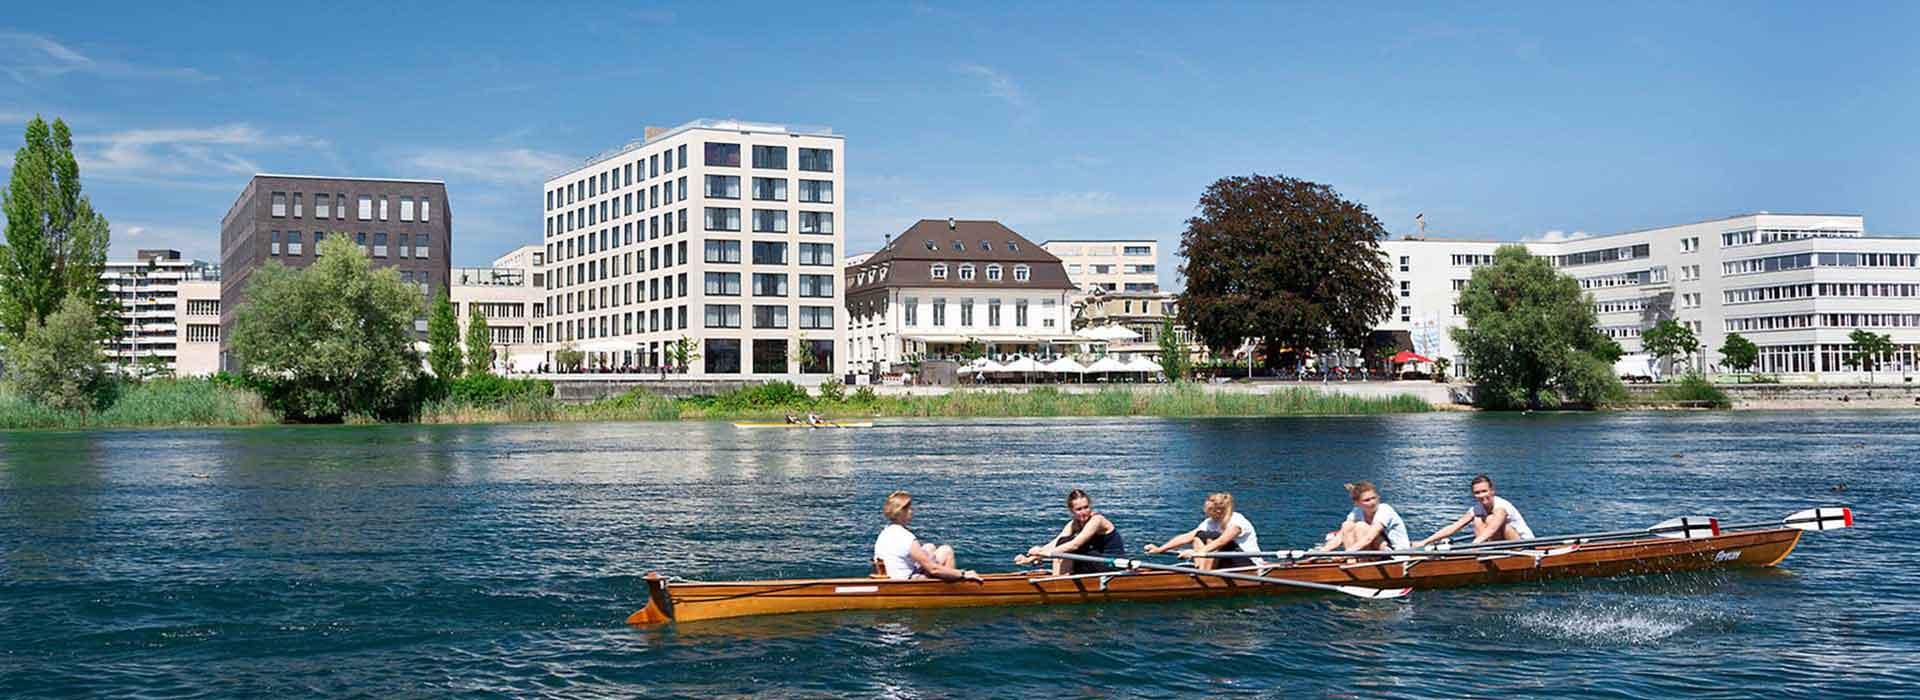 Hotel Konstanz Seerhein Schiff